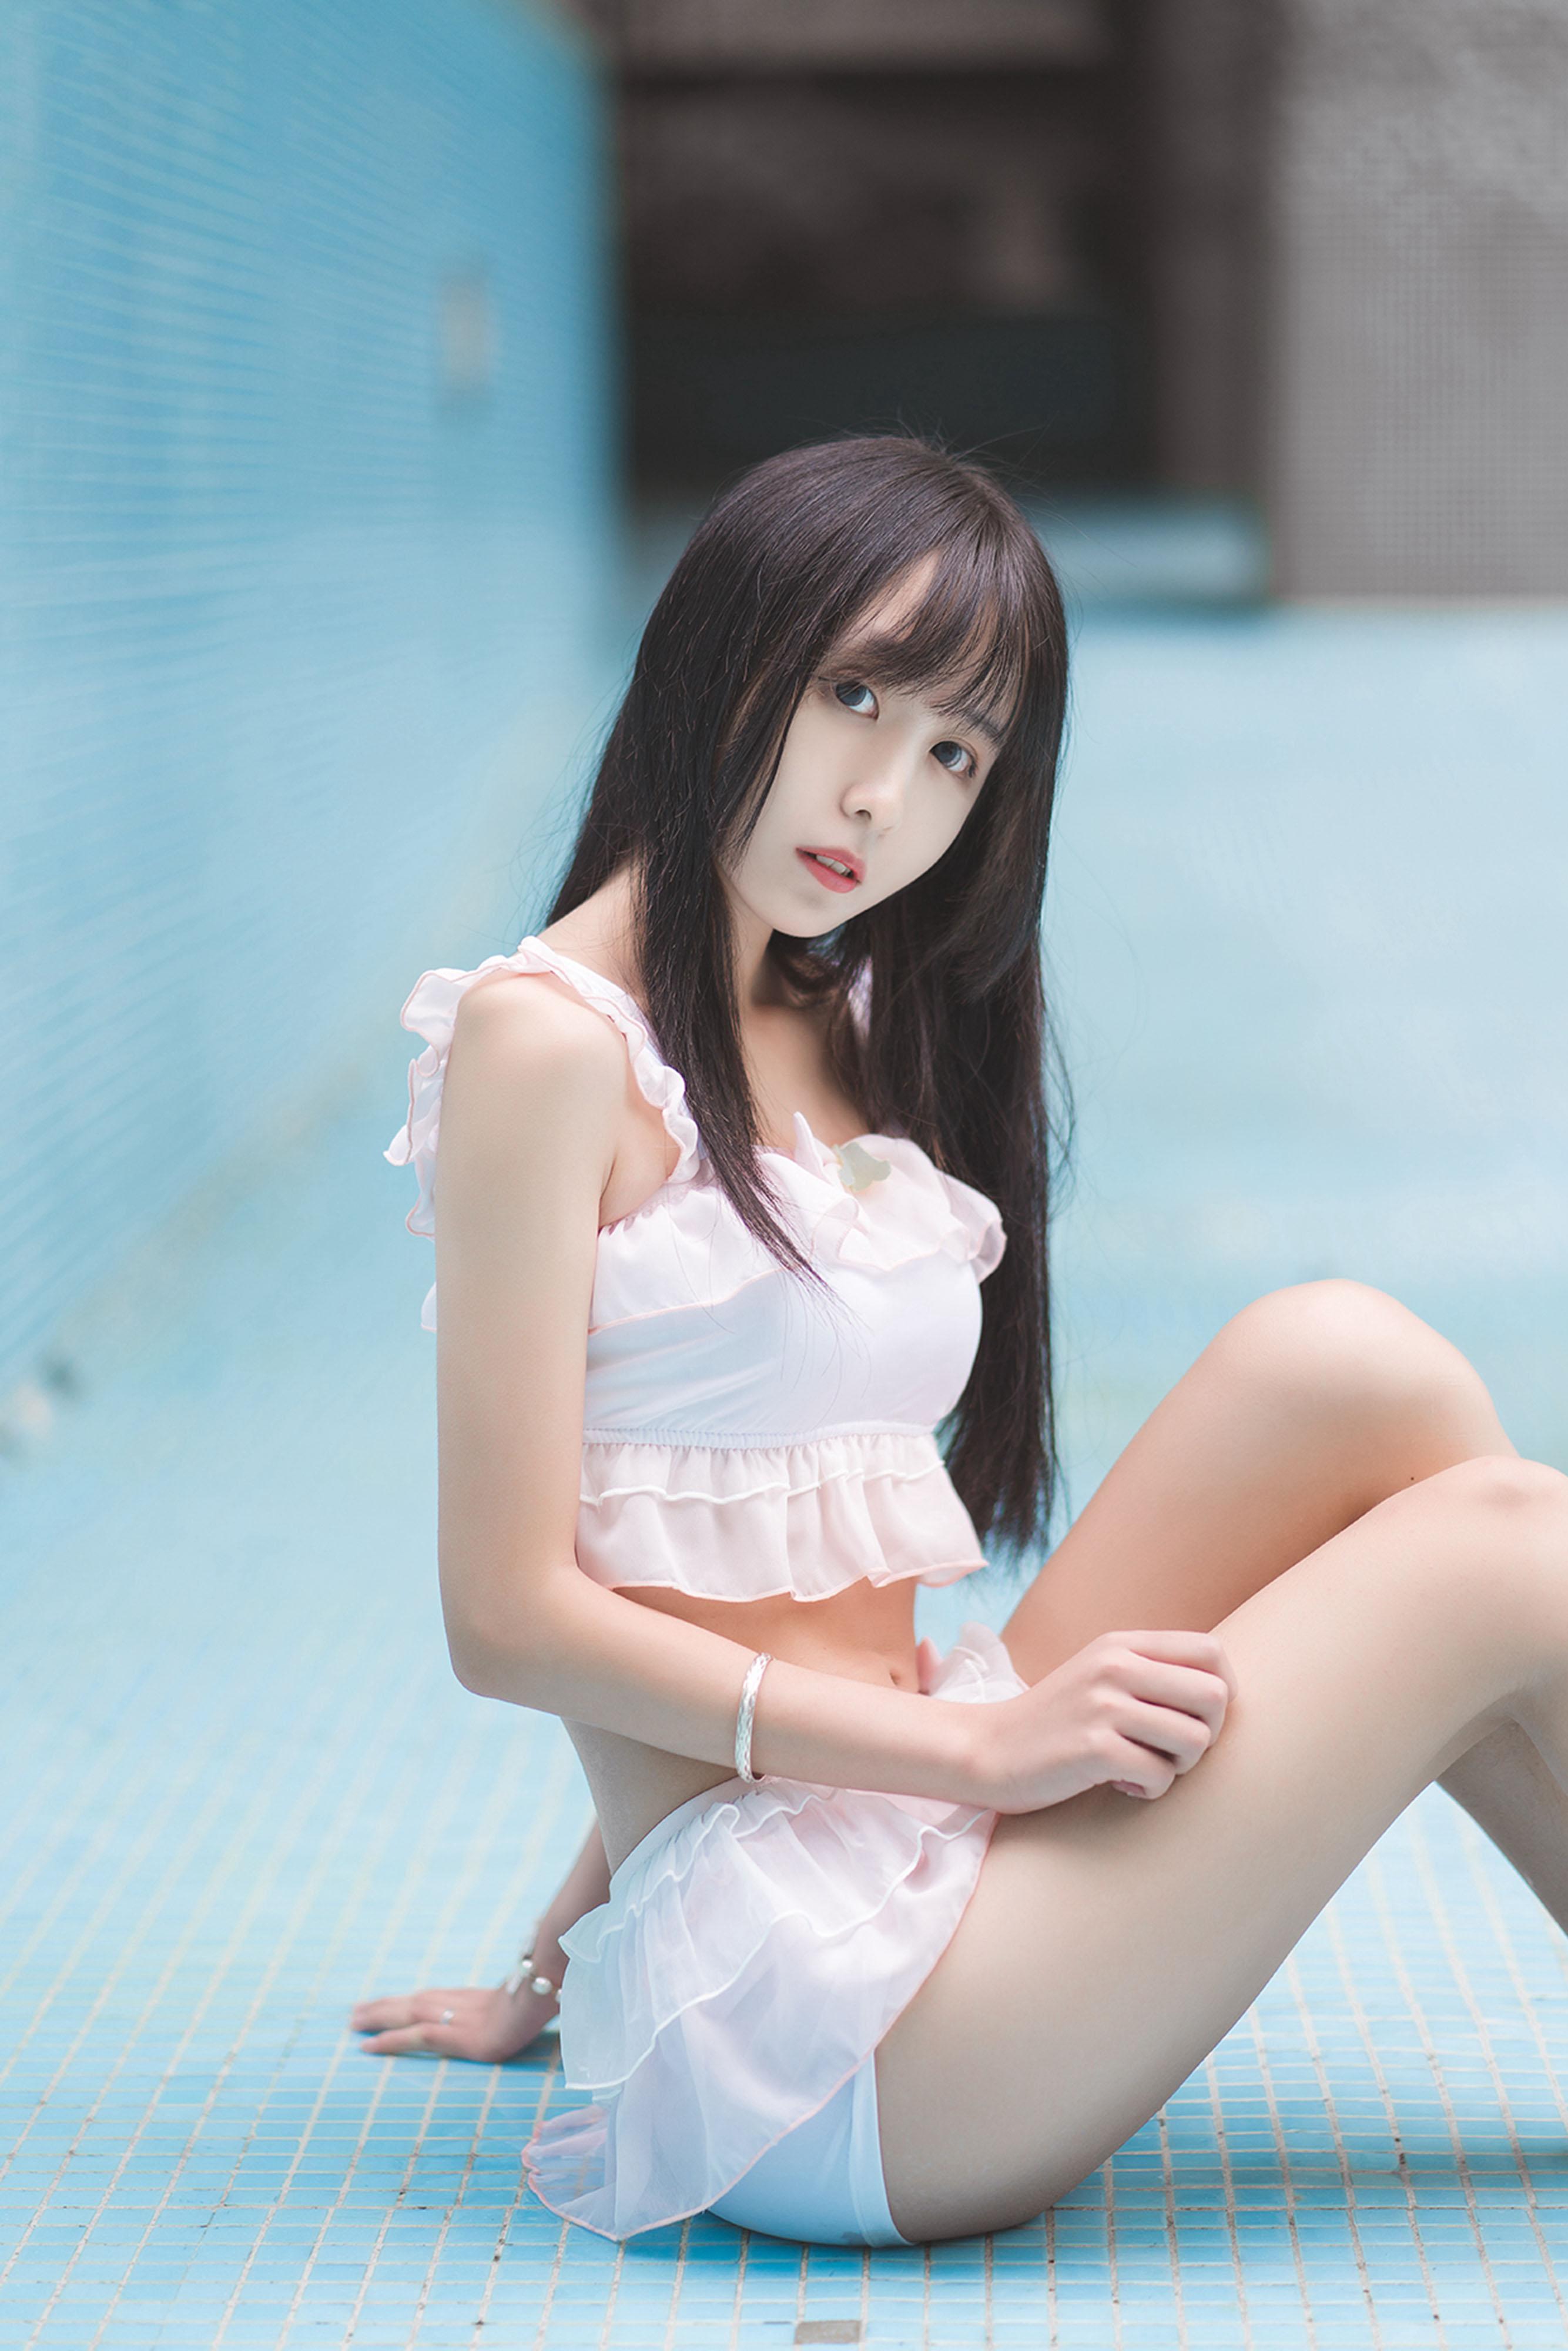 风之领域露脸系列写真NO.89,泳池美少女